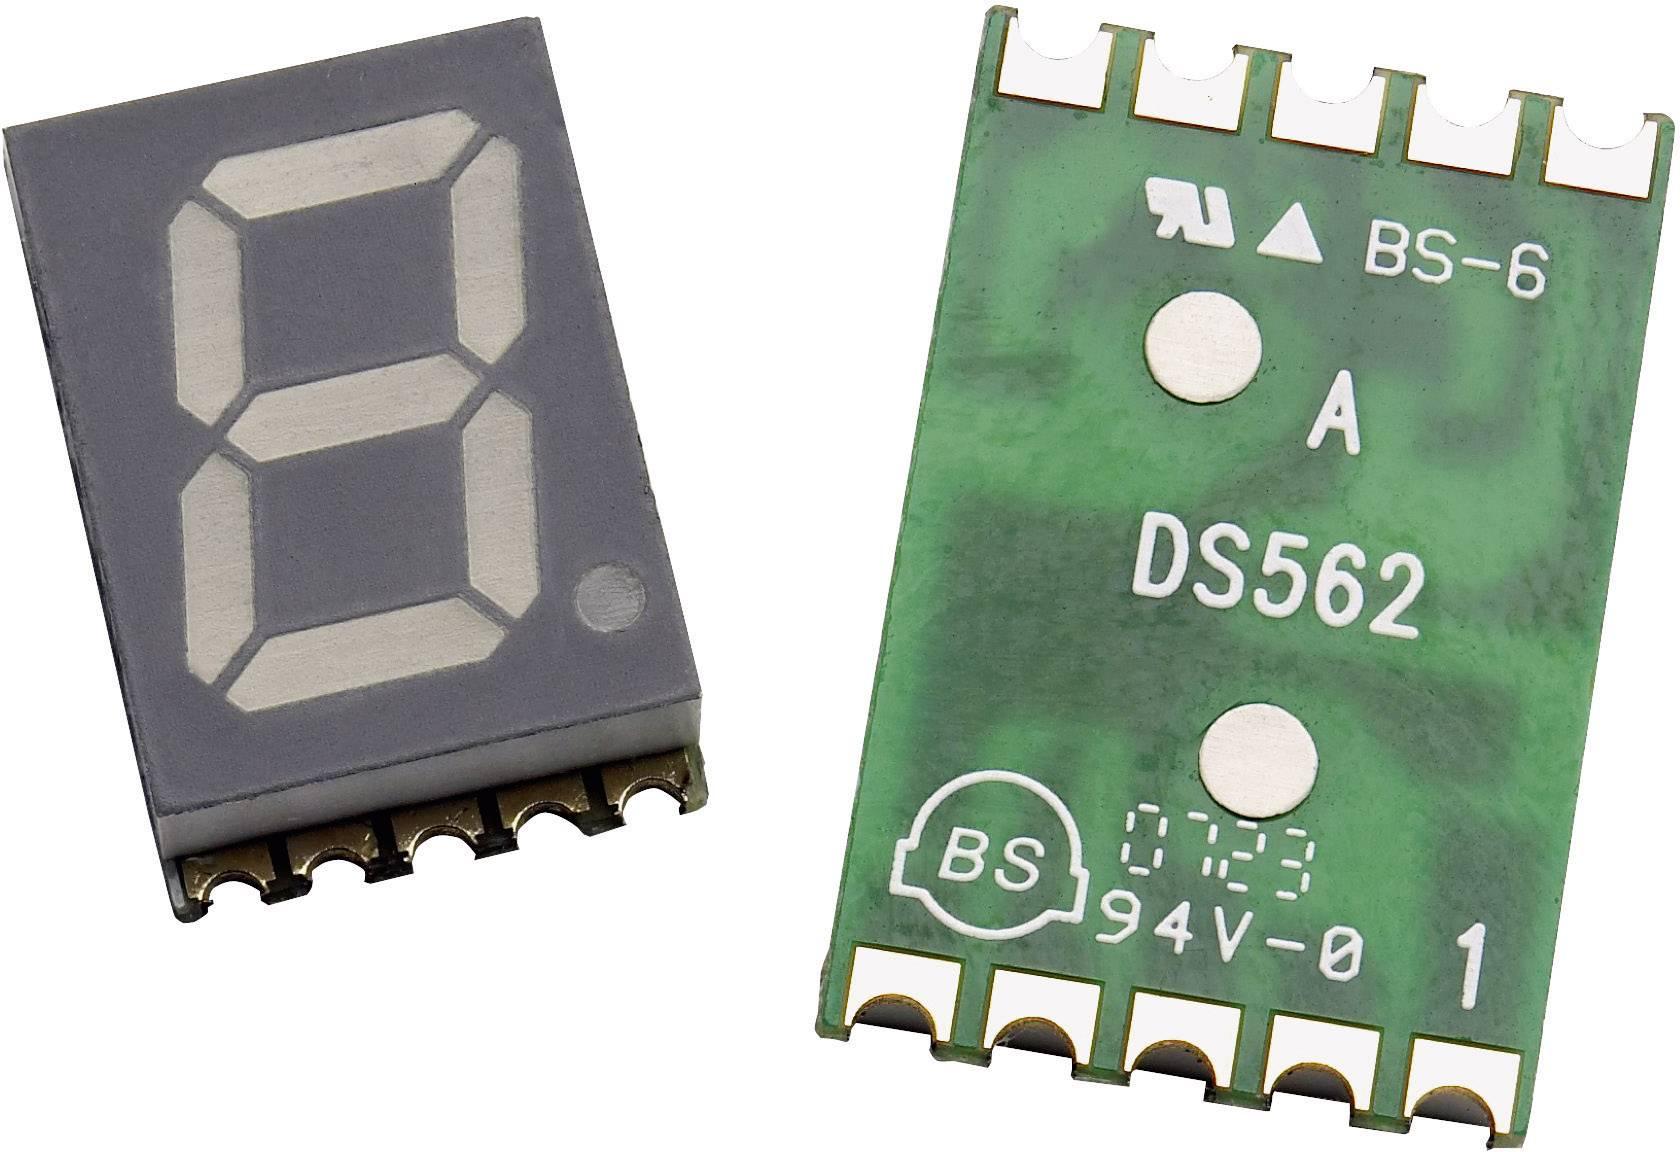 7-segmentový displej Broadcom HDSM-533F, číslic 1, 14.22 mm, 2.1 V, žltá